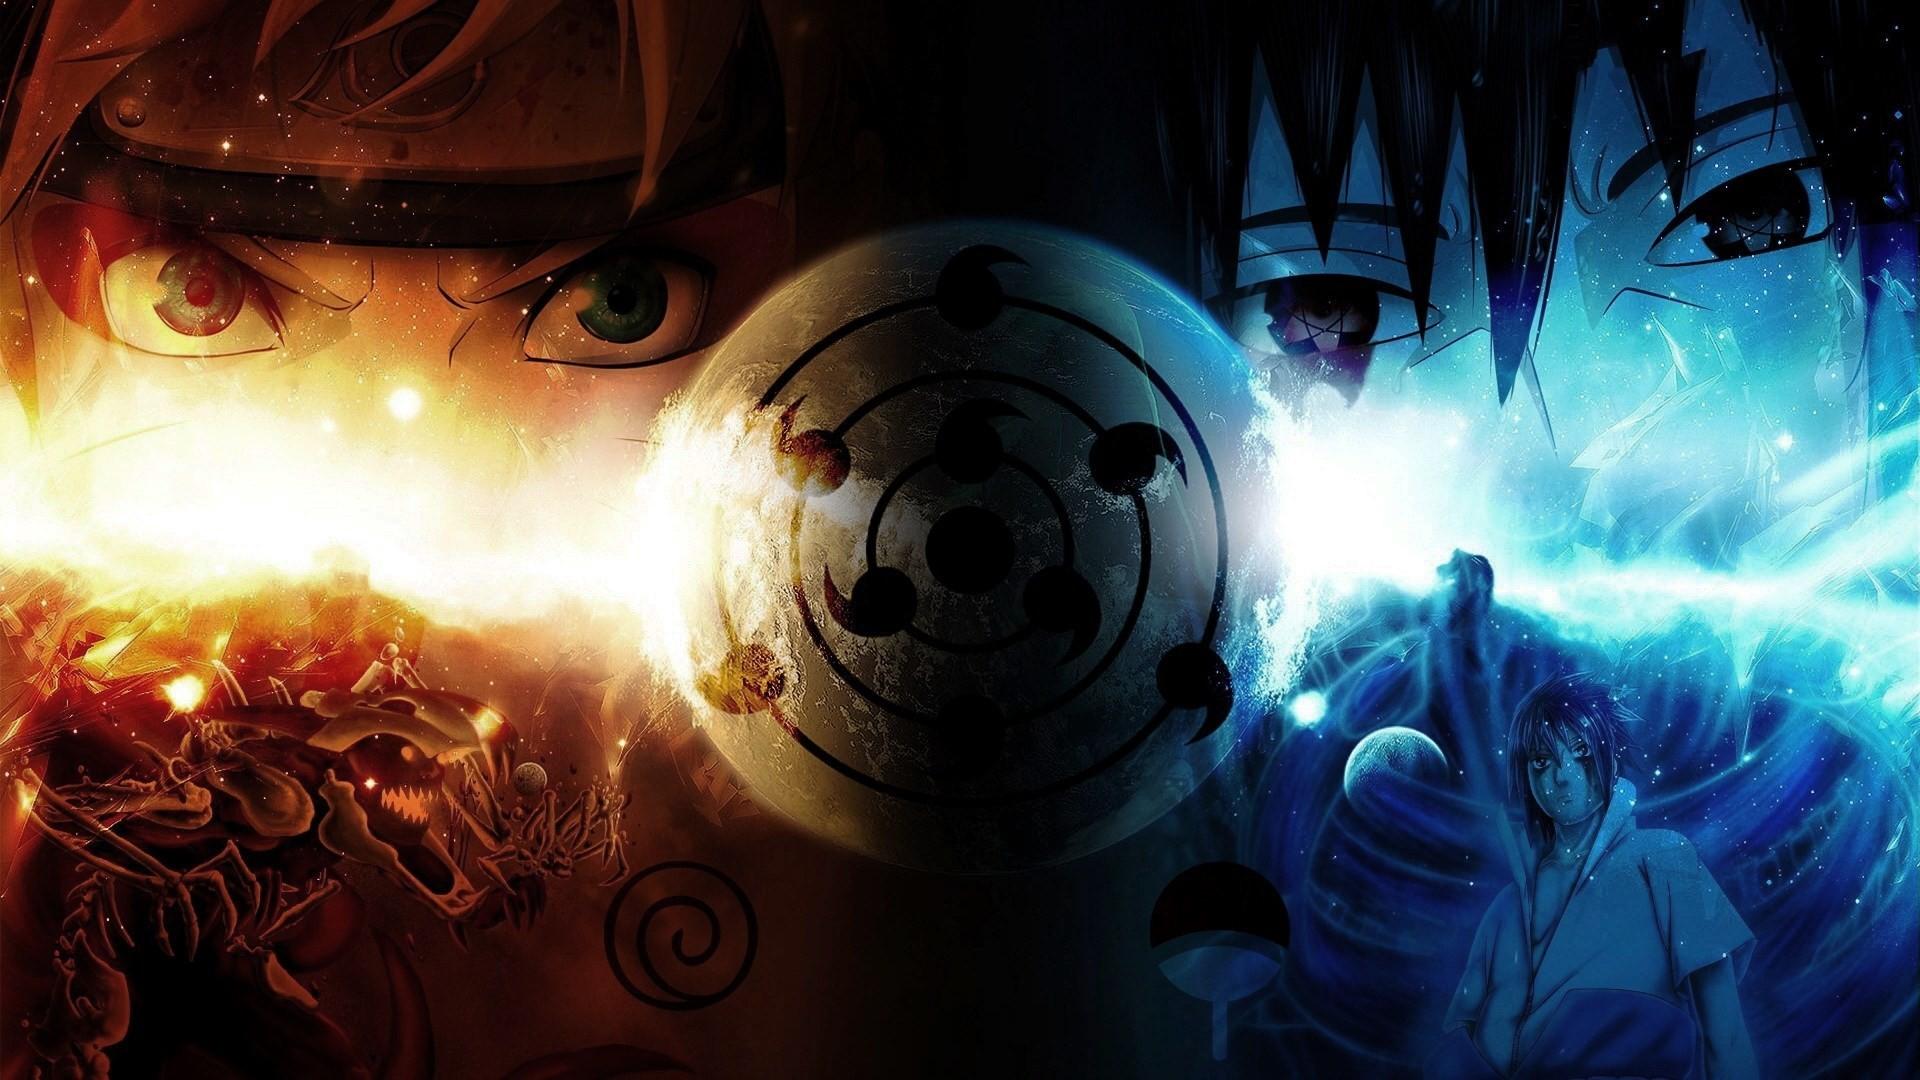 Wallpaper Naruto Shippuuden Sharingan Uzumaki Naruto